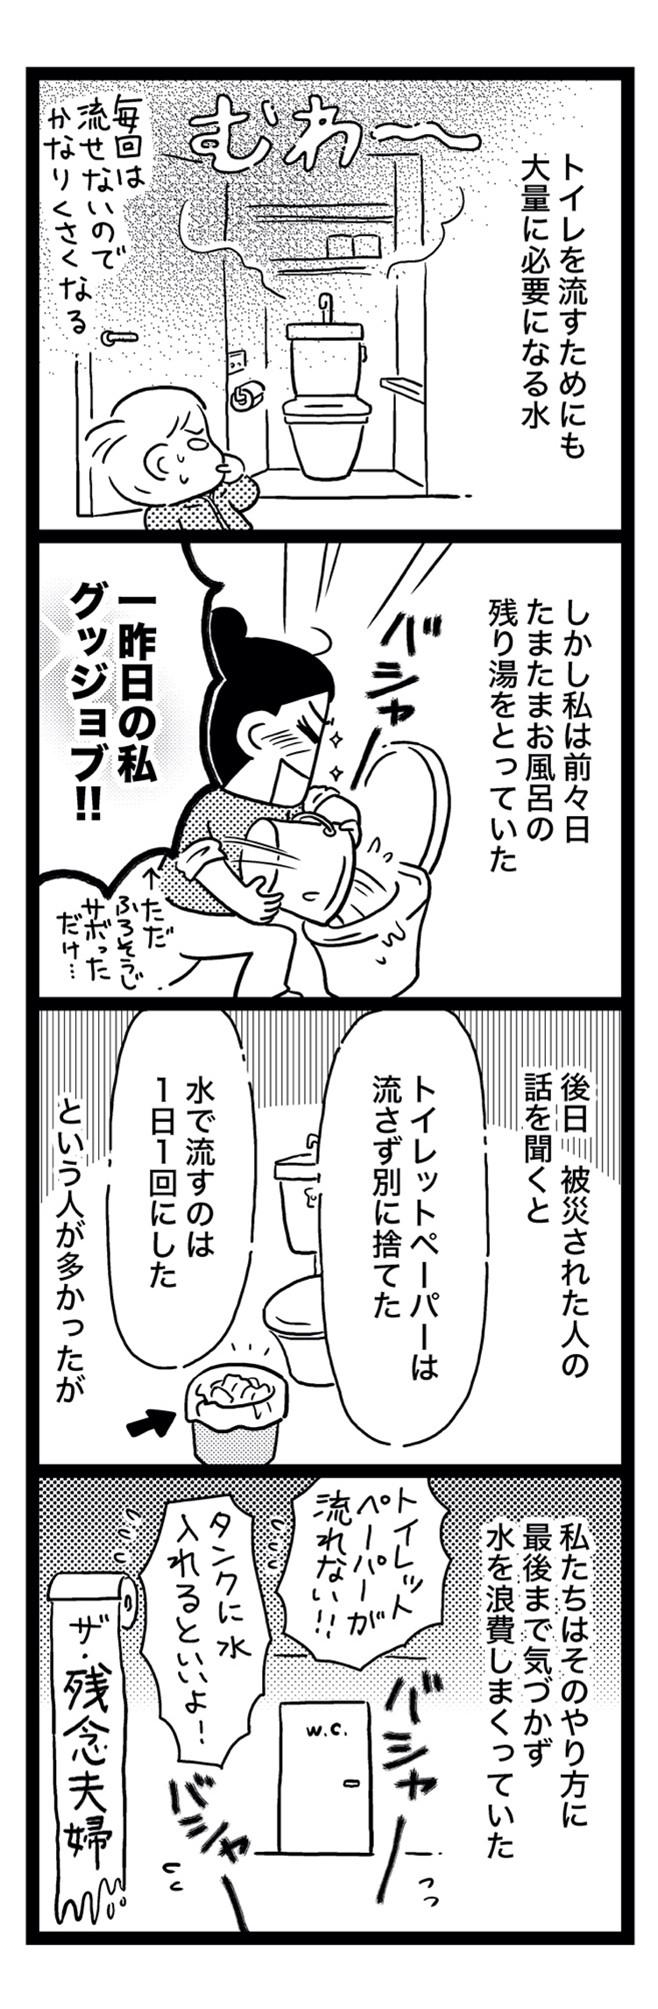 sinsai2-4